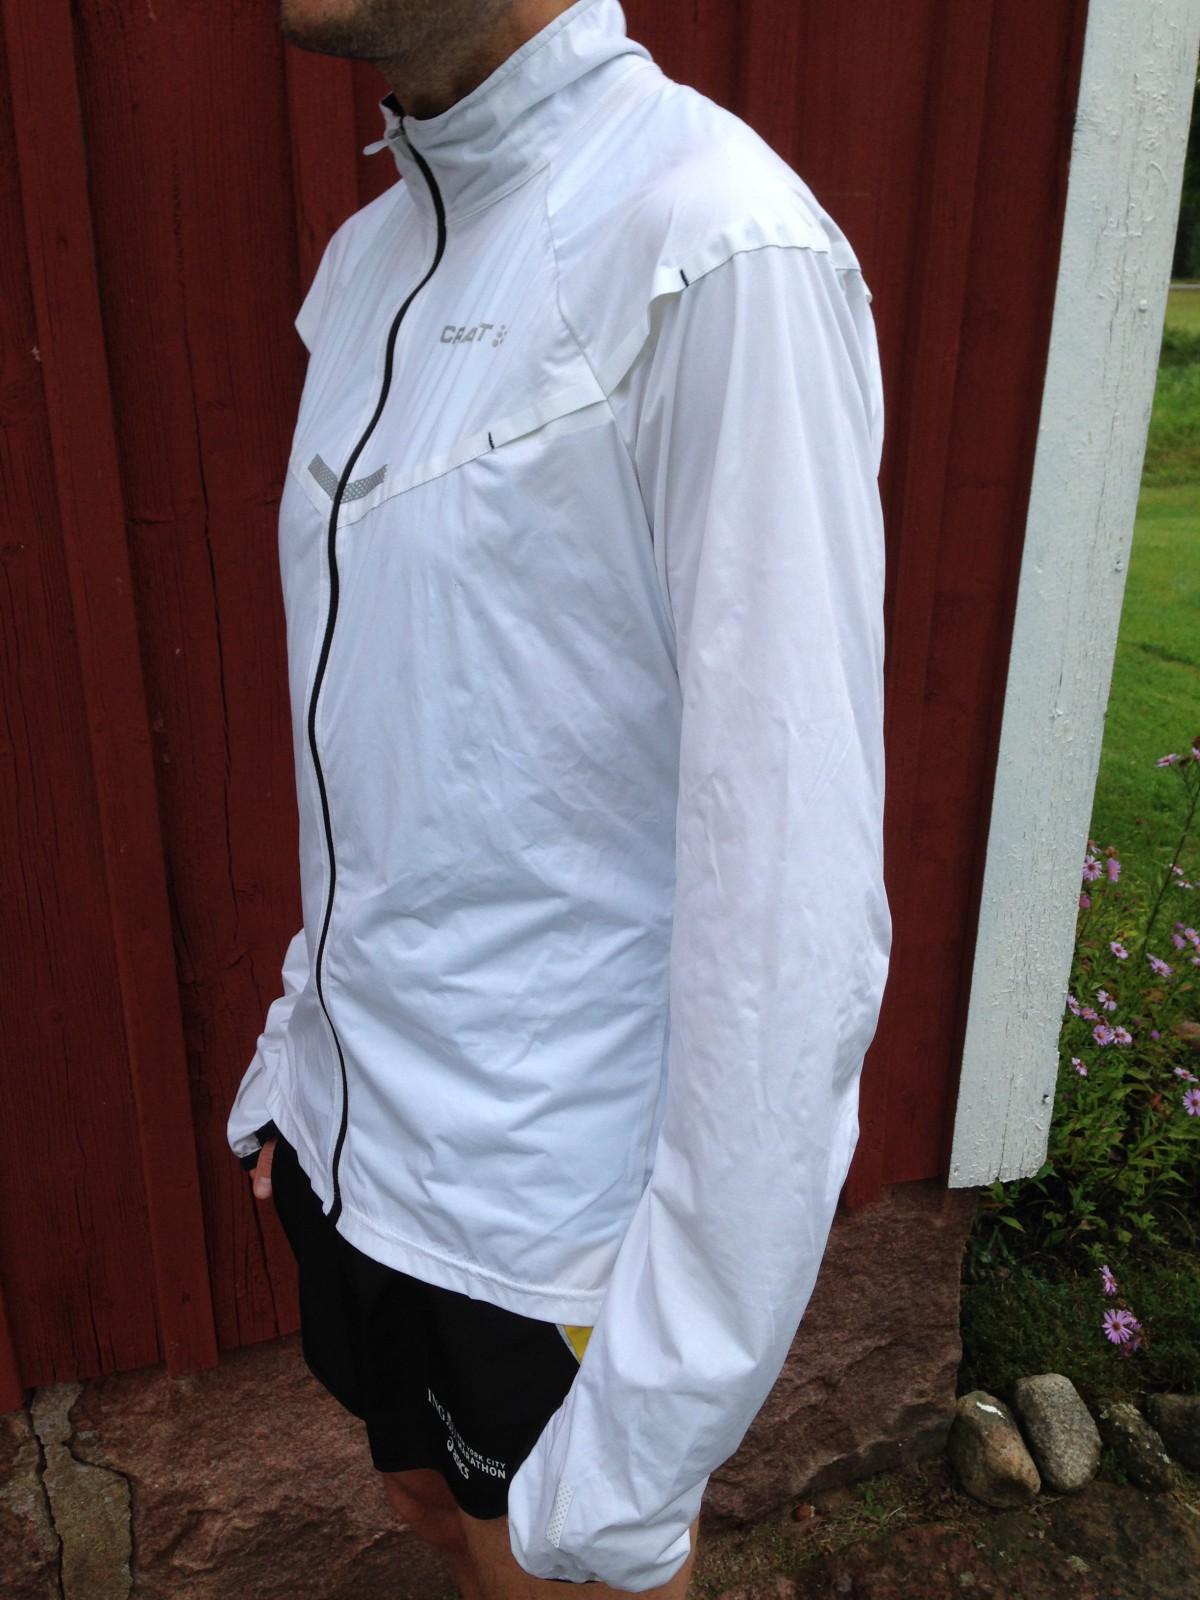 Craft-ER-Light-jacket-1